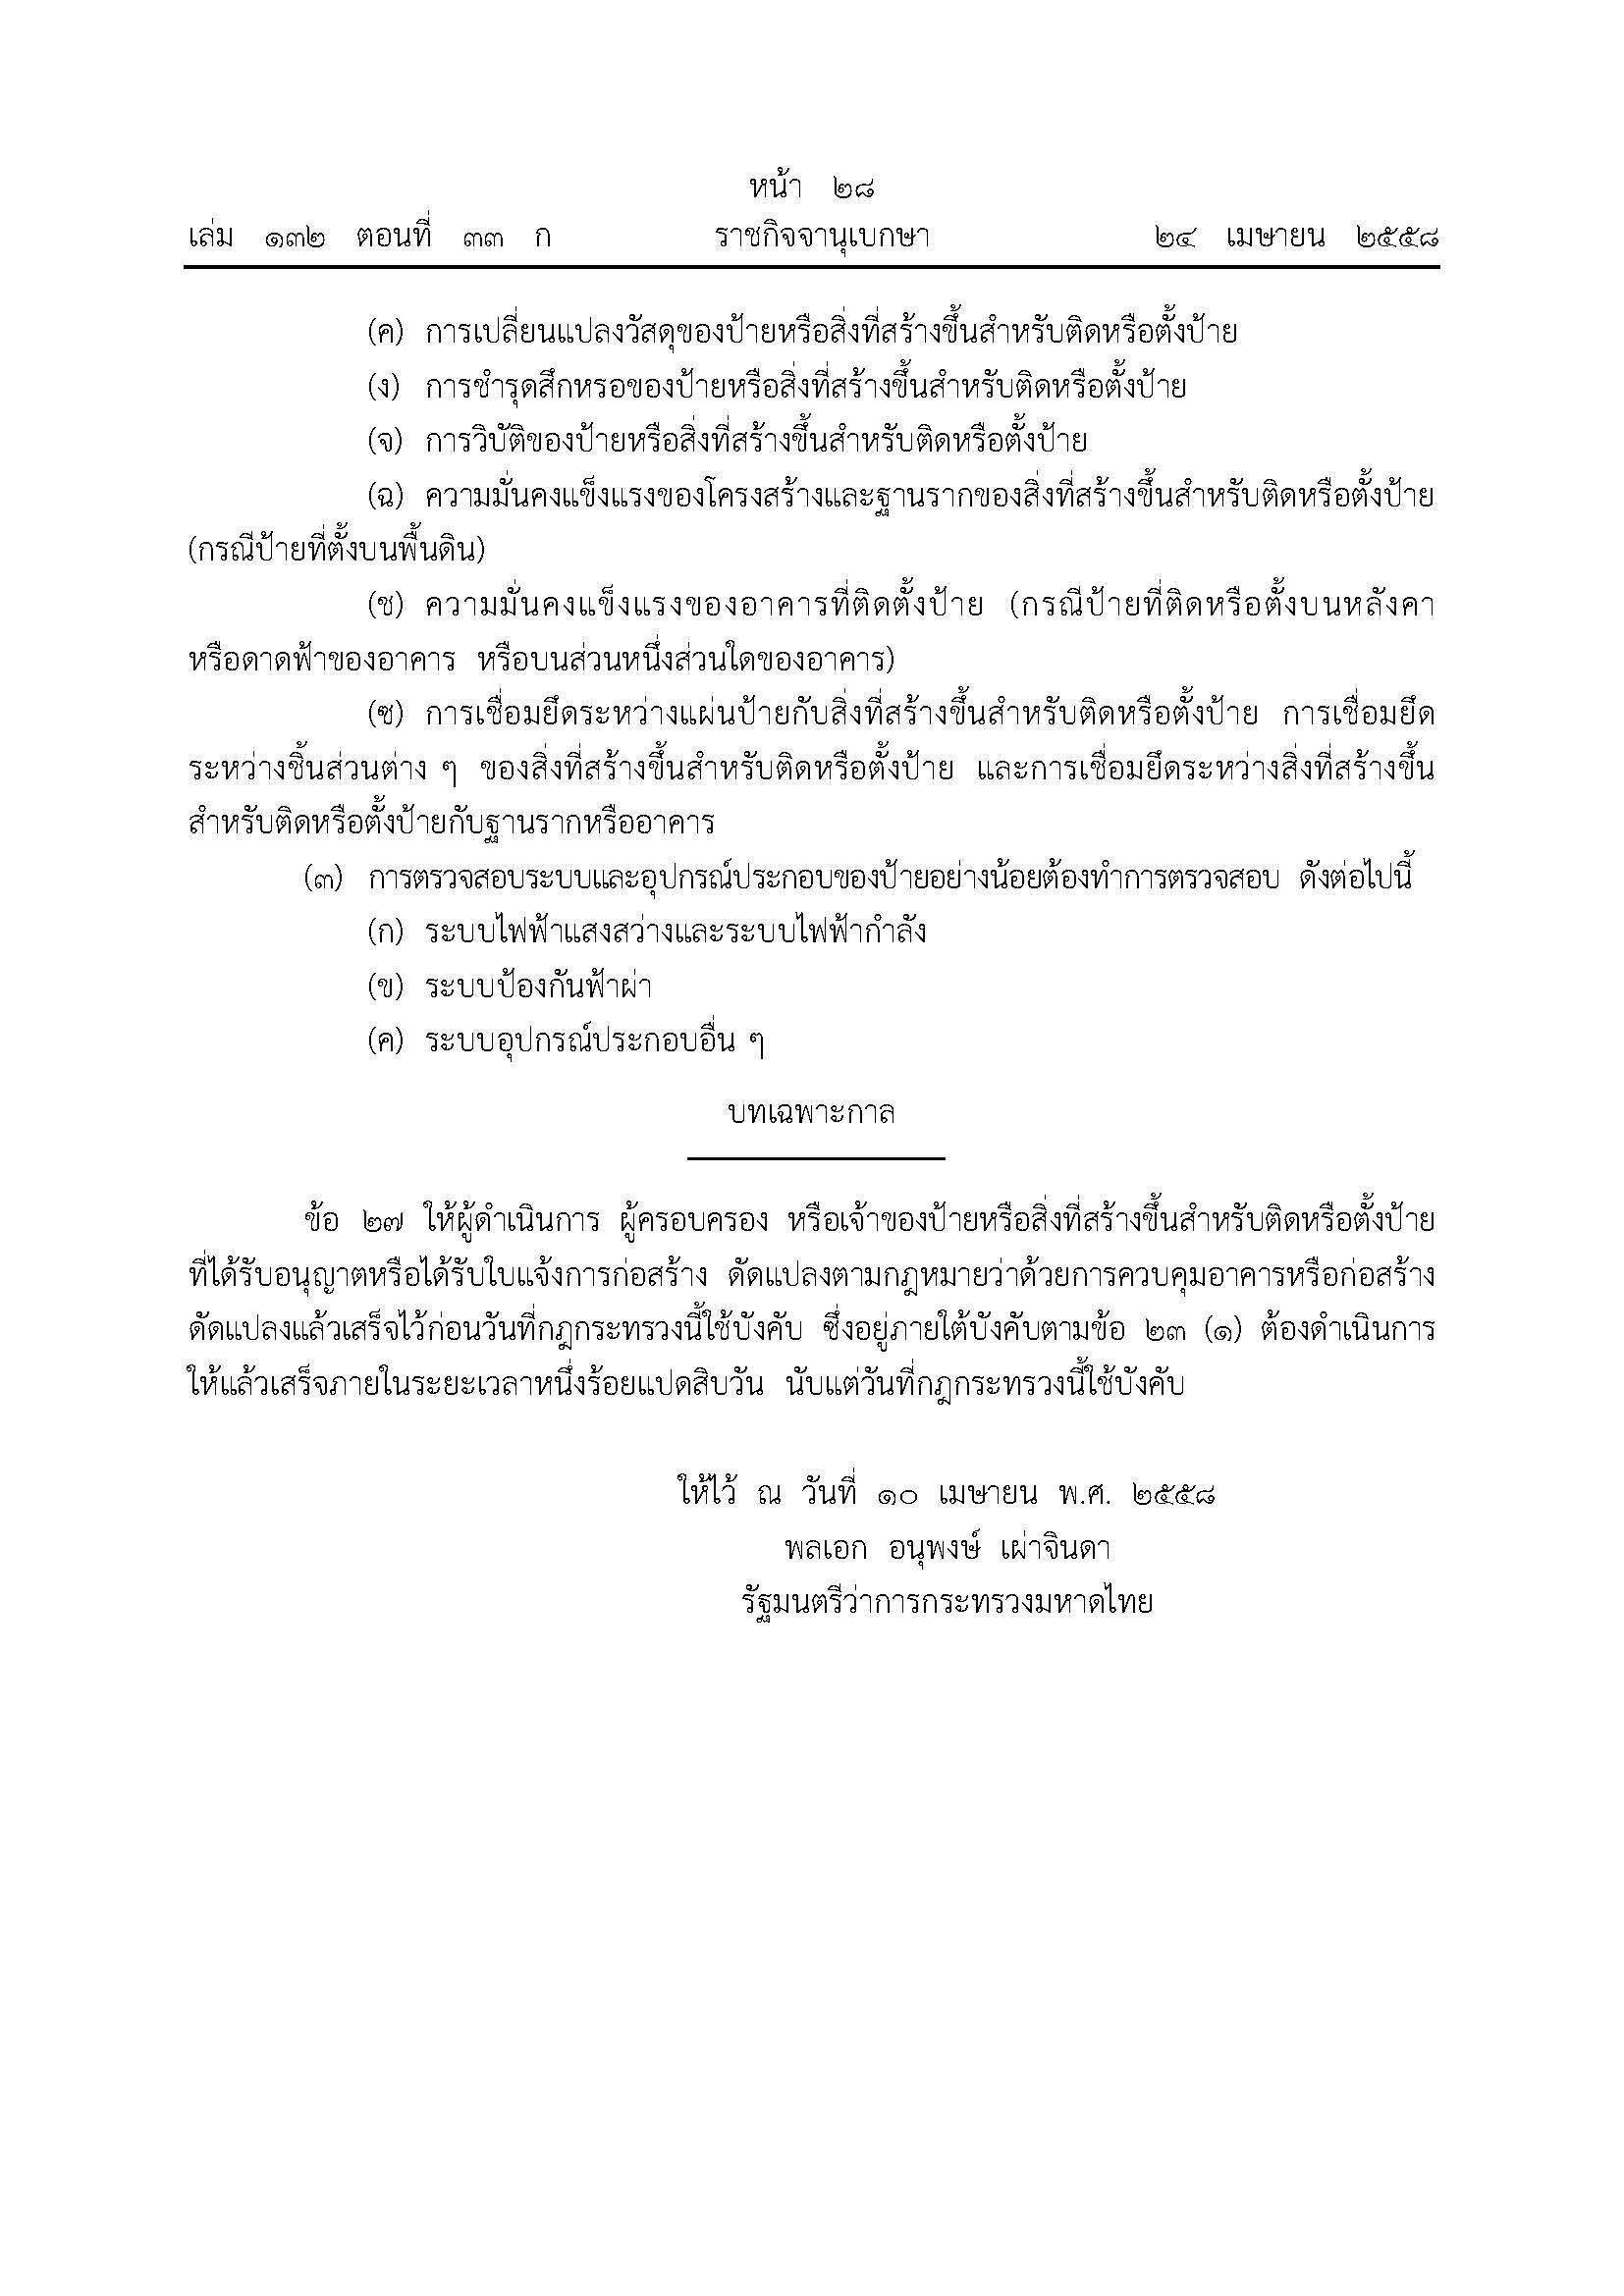 กฎกระทรวง 2558_Page_10